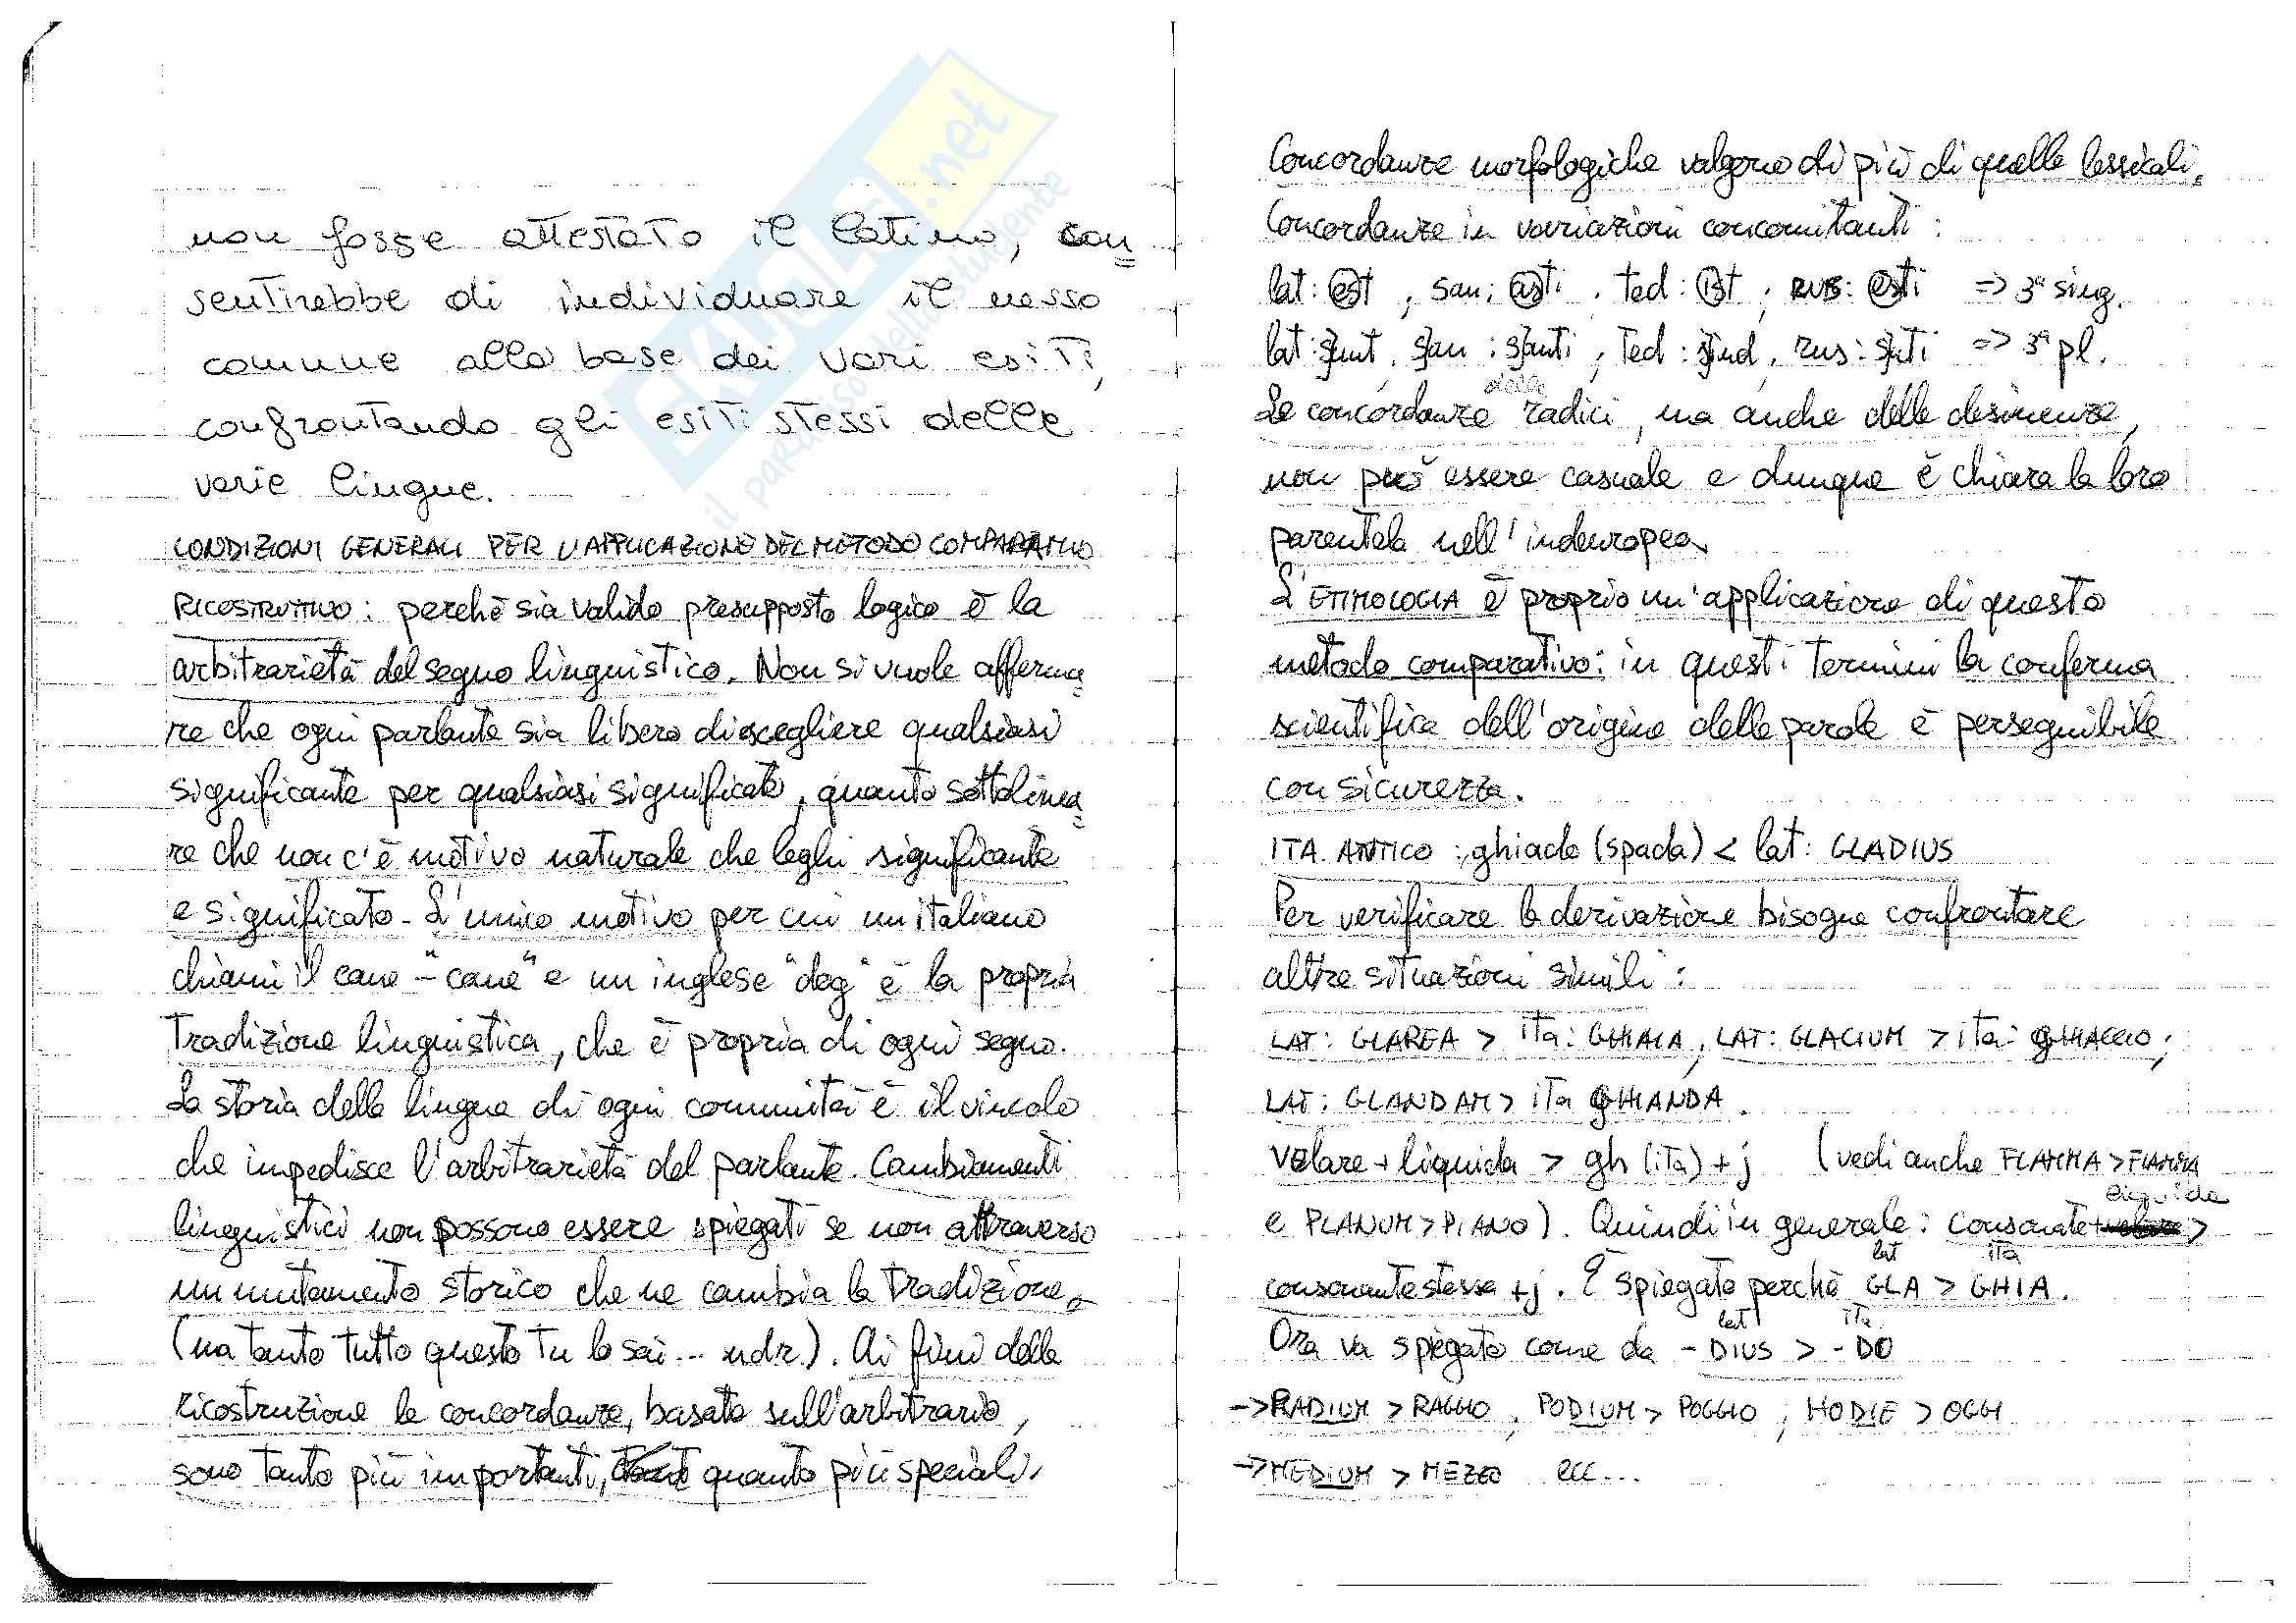 Metodo comparativo-ricostruttivo - Applicazione alla filologia romanza